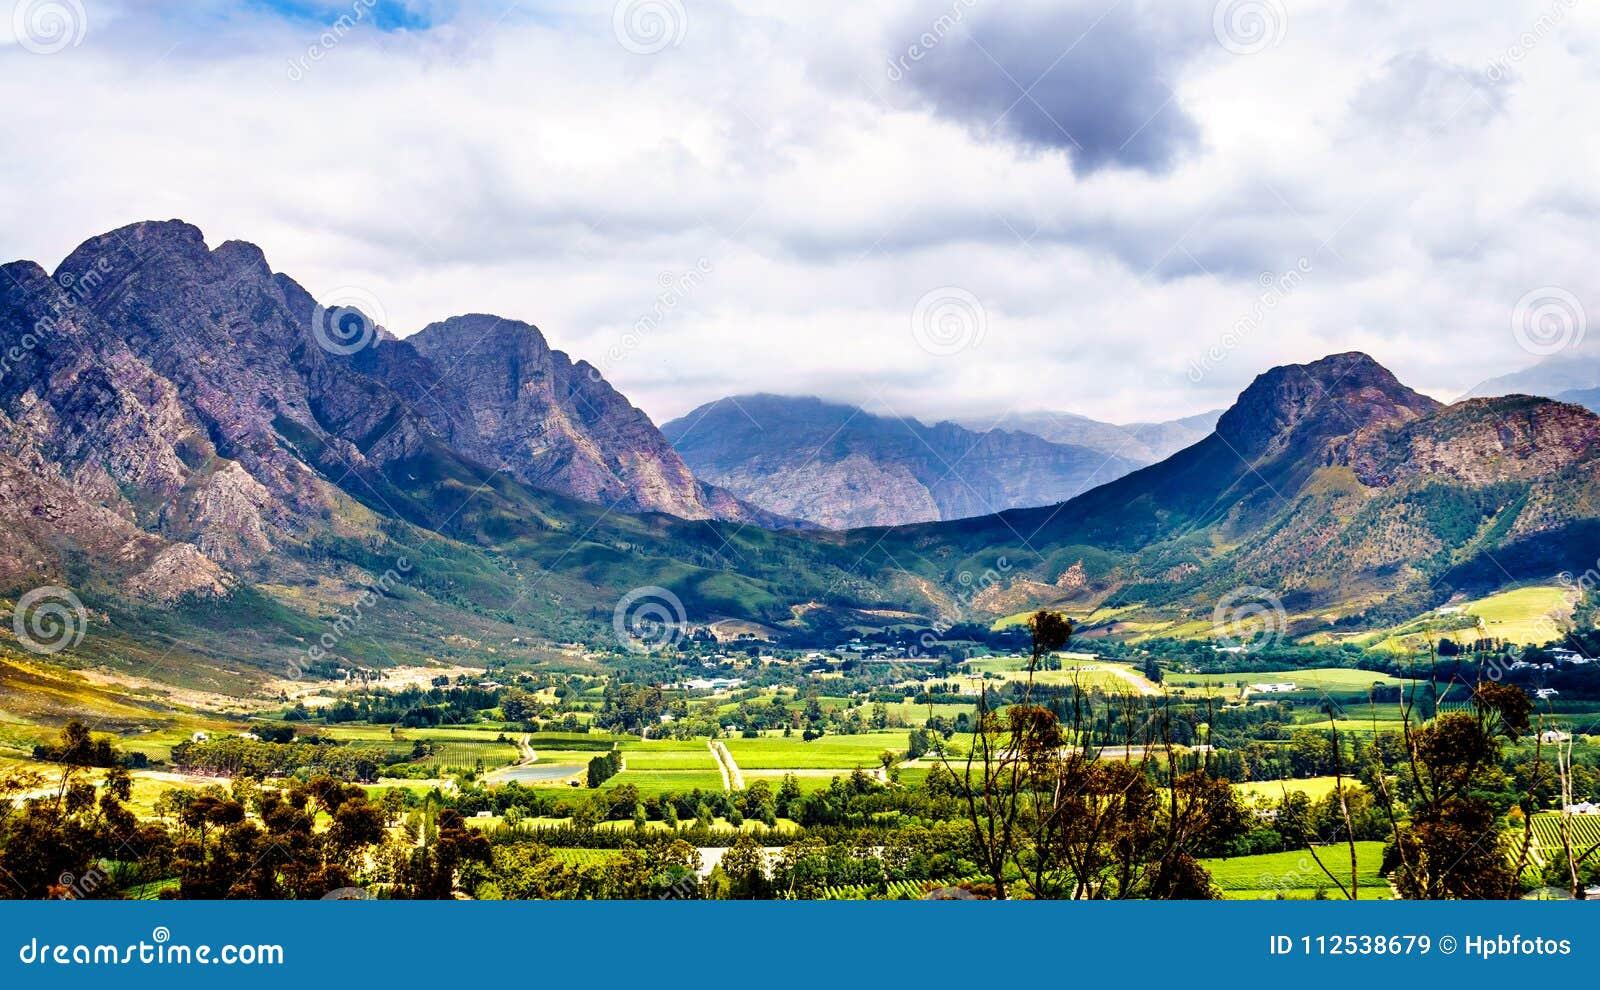 Franschhoek-Tal in der Westkap-Provinz von Südafrika mit seinen vielen Weinbergen, die ein Teil des Kaps Winelands sind